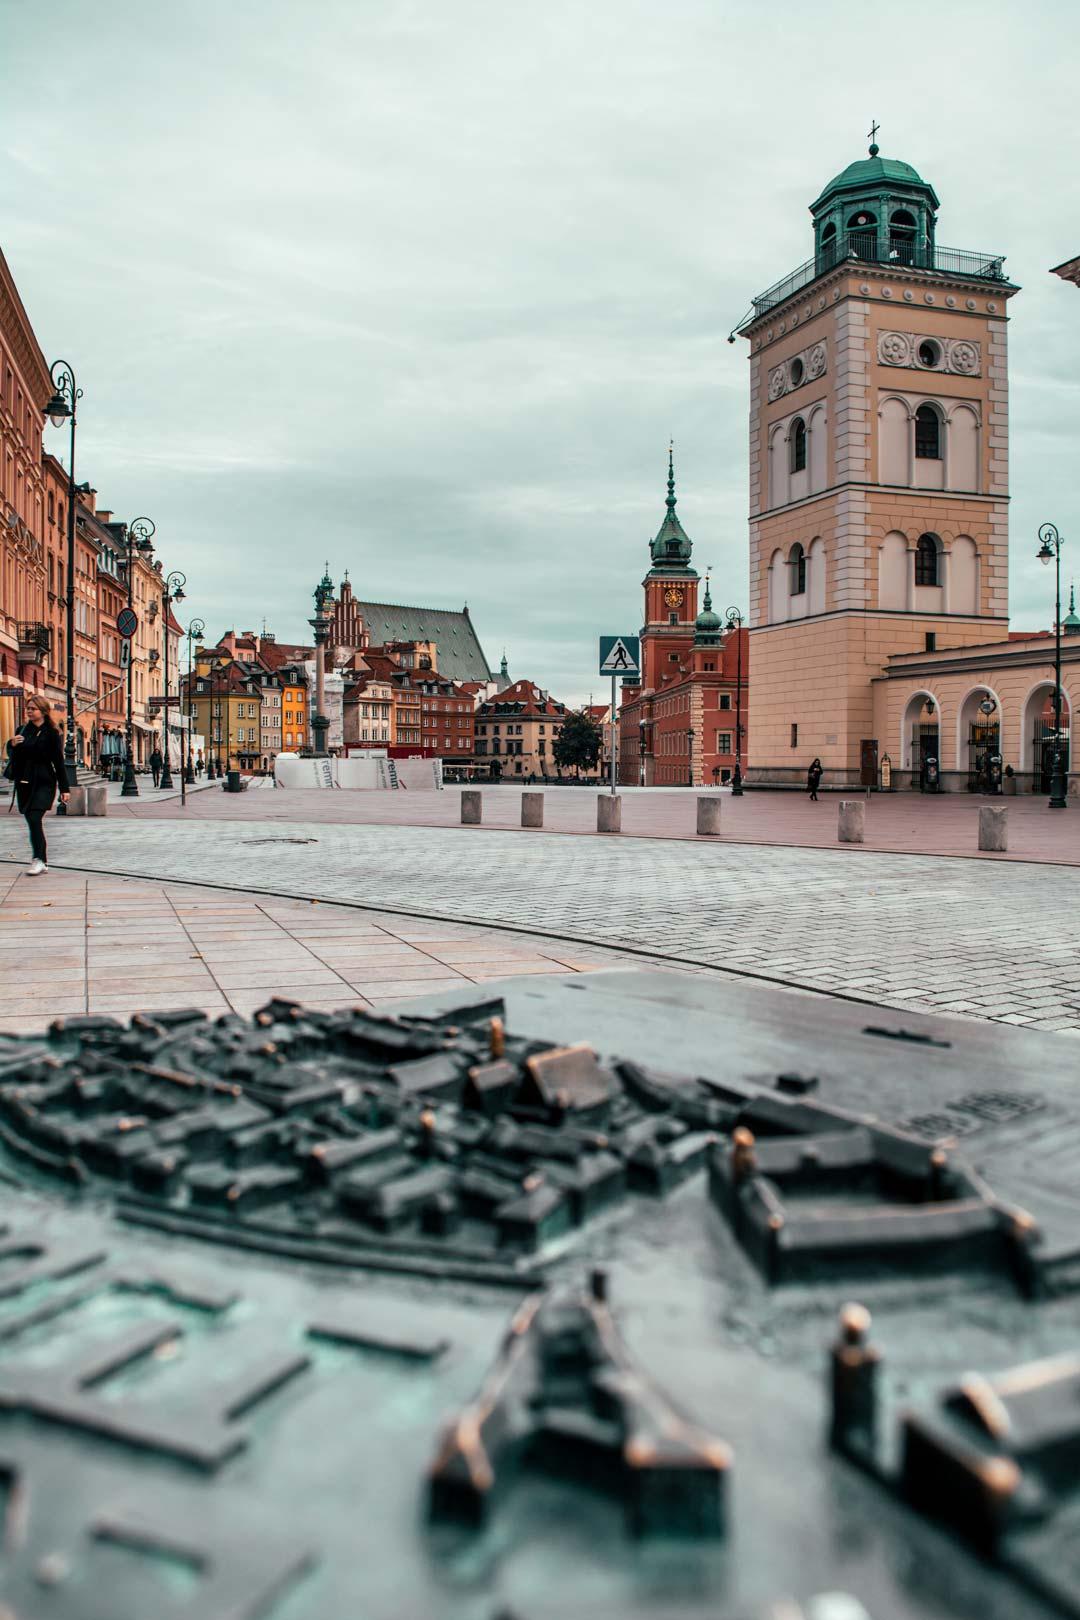 κεντρική-πλατεία-στο-Βασιλικό-κάστρο-της-Βαρσοβίας-travelshare.gr